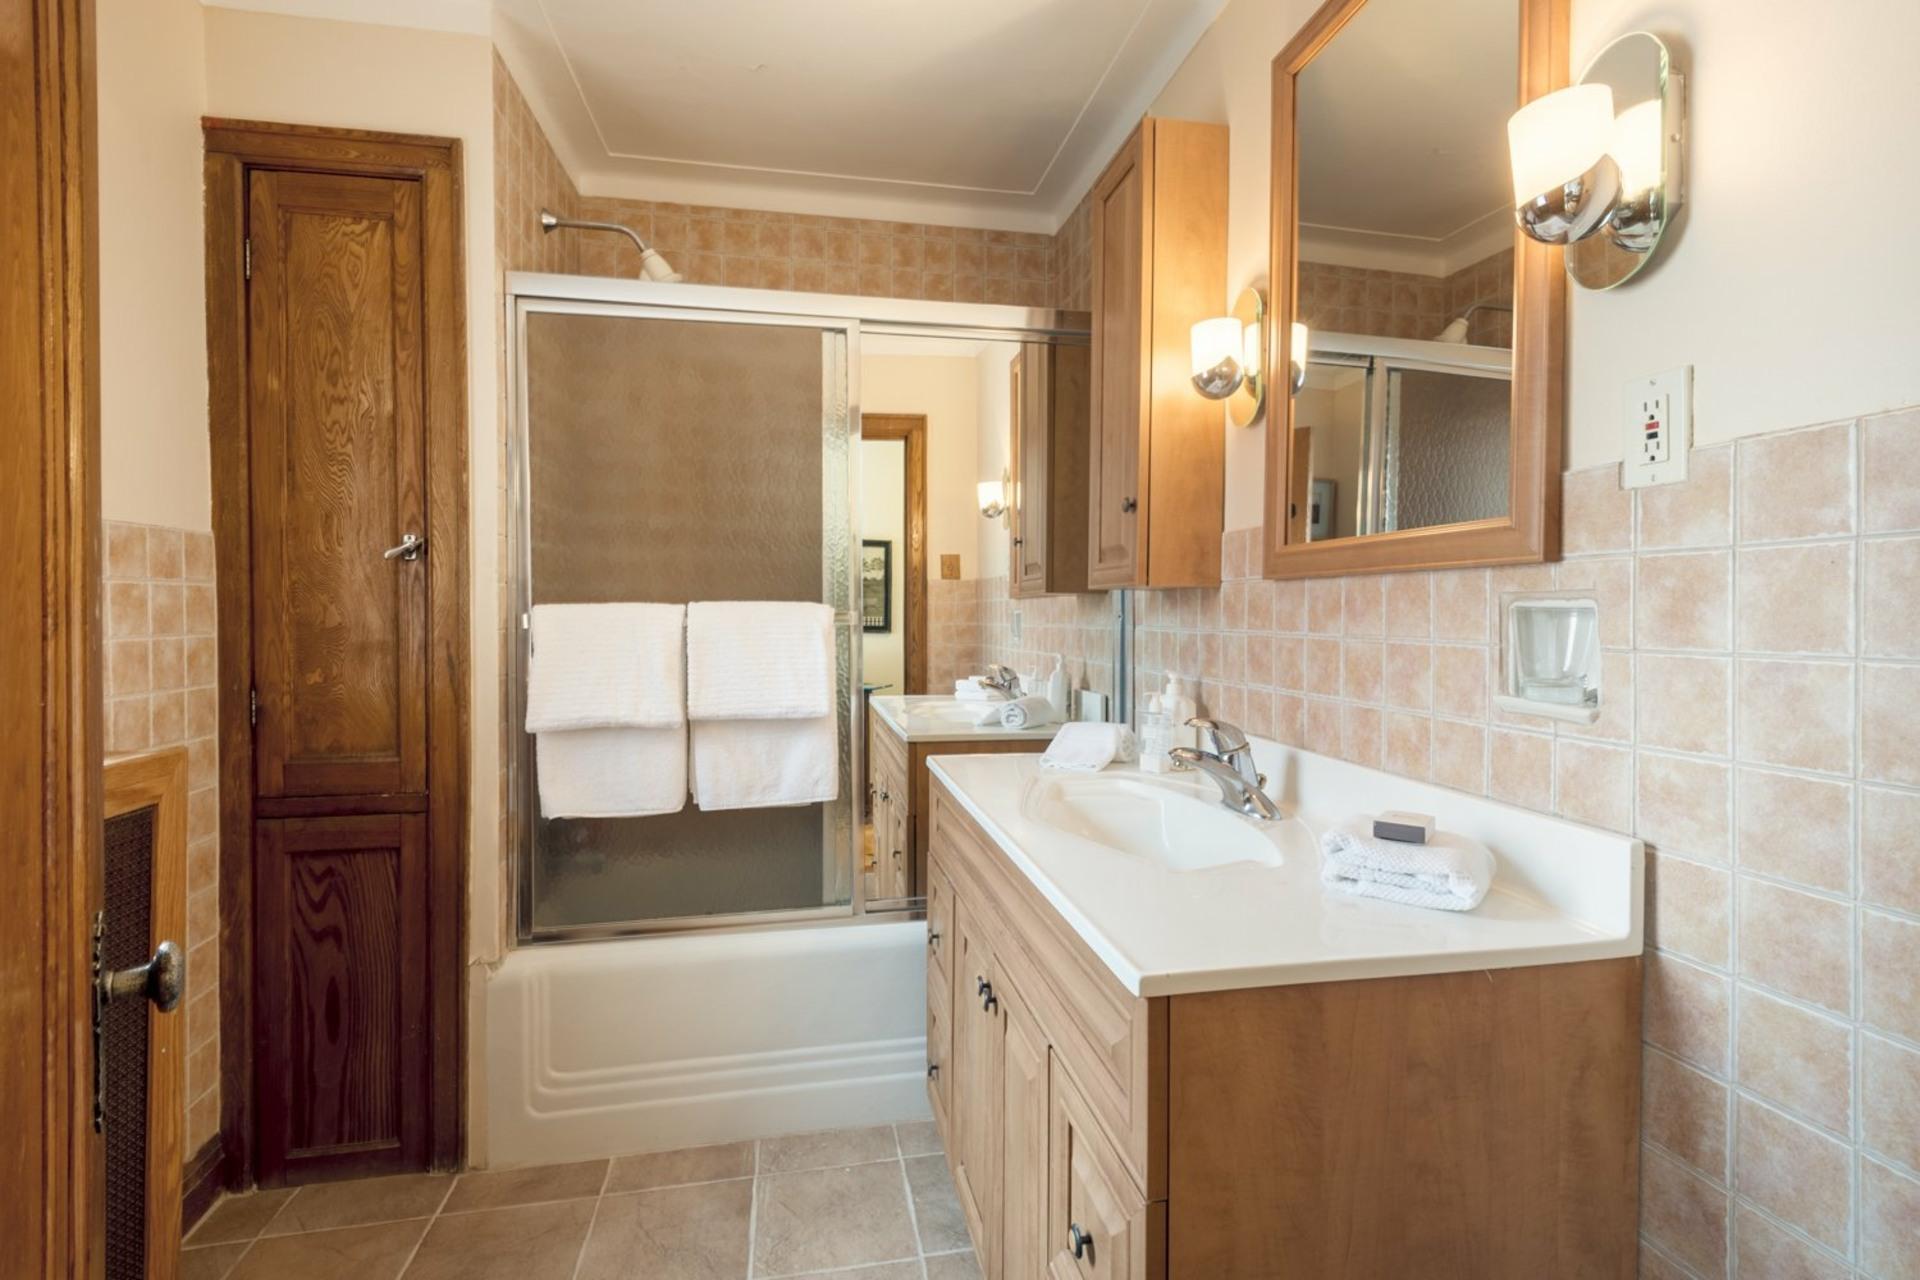 image 17 - Duplex For sale Sainte-Anne-de-Bellevue - 6 rooms